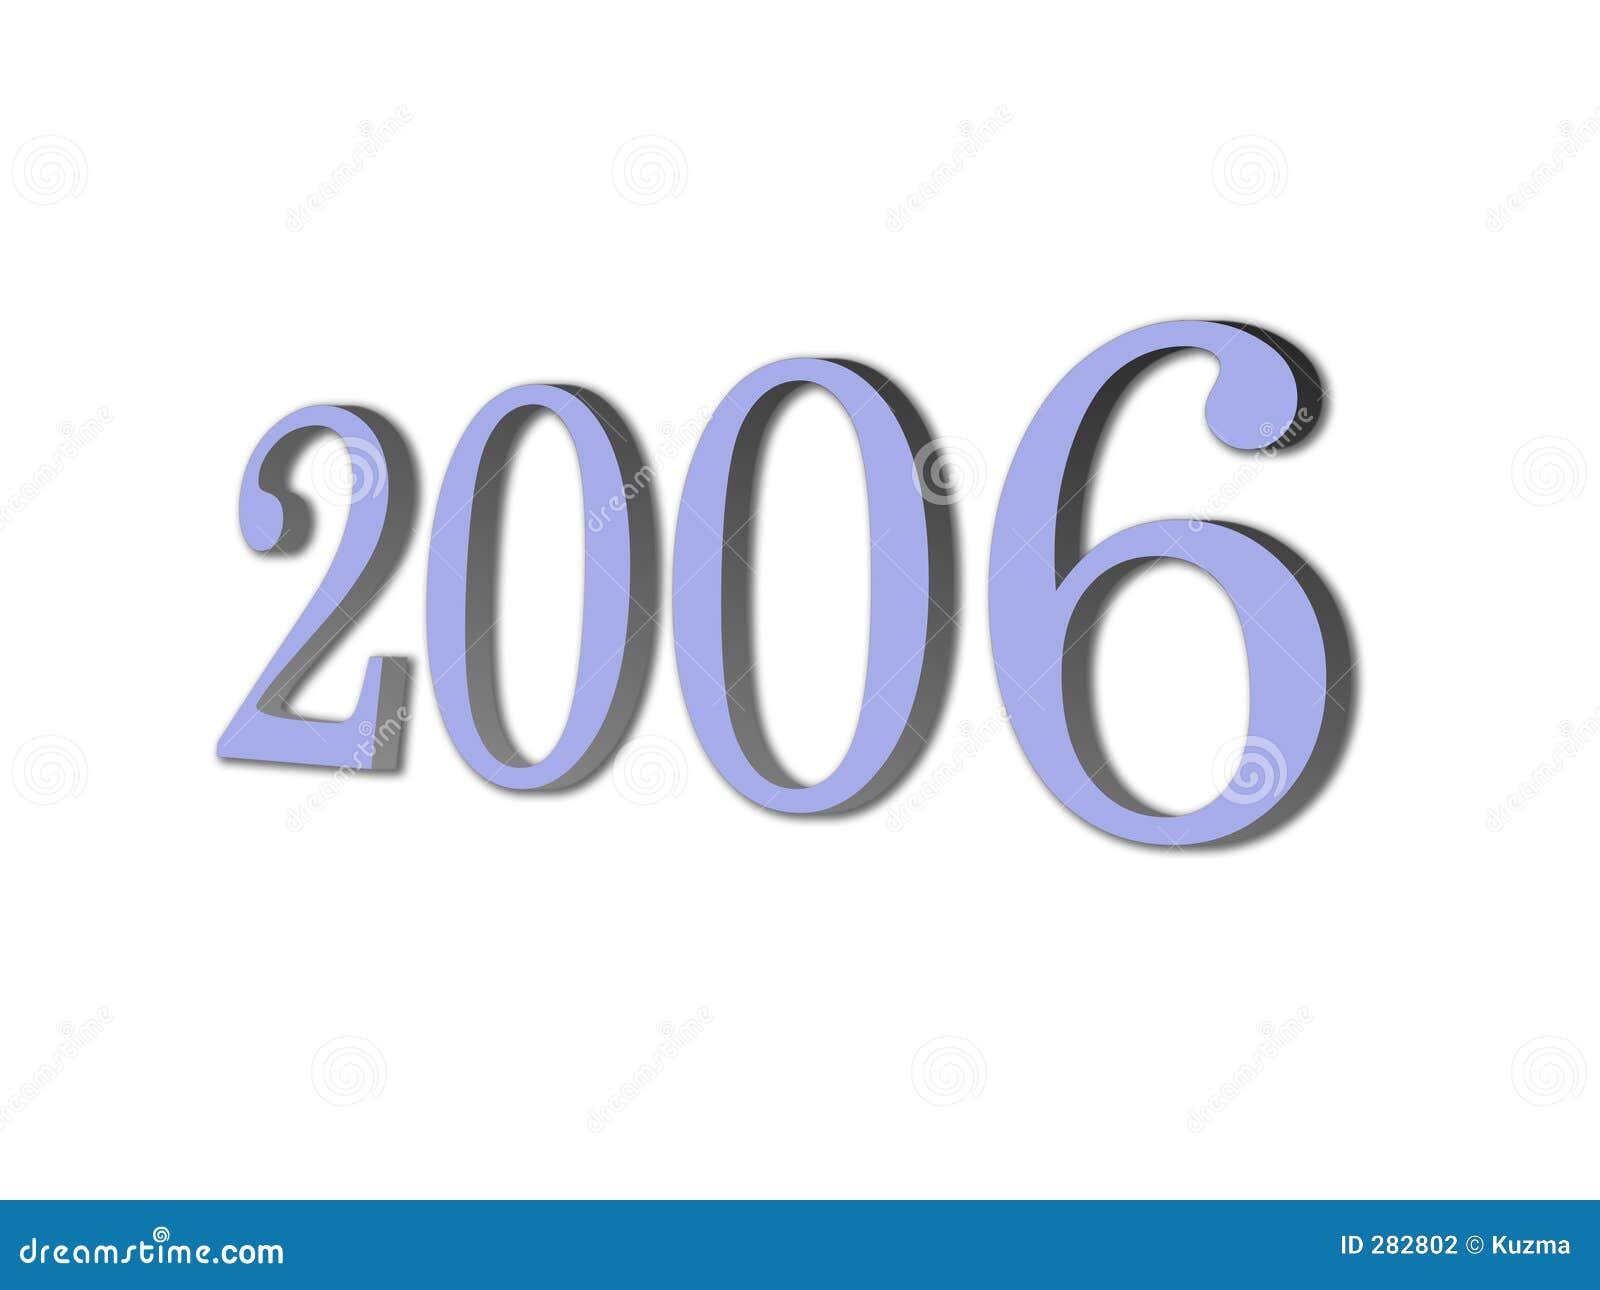 3D gloednieuw jaar 2006